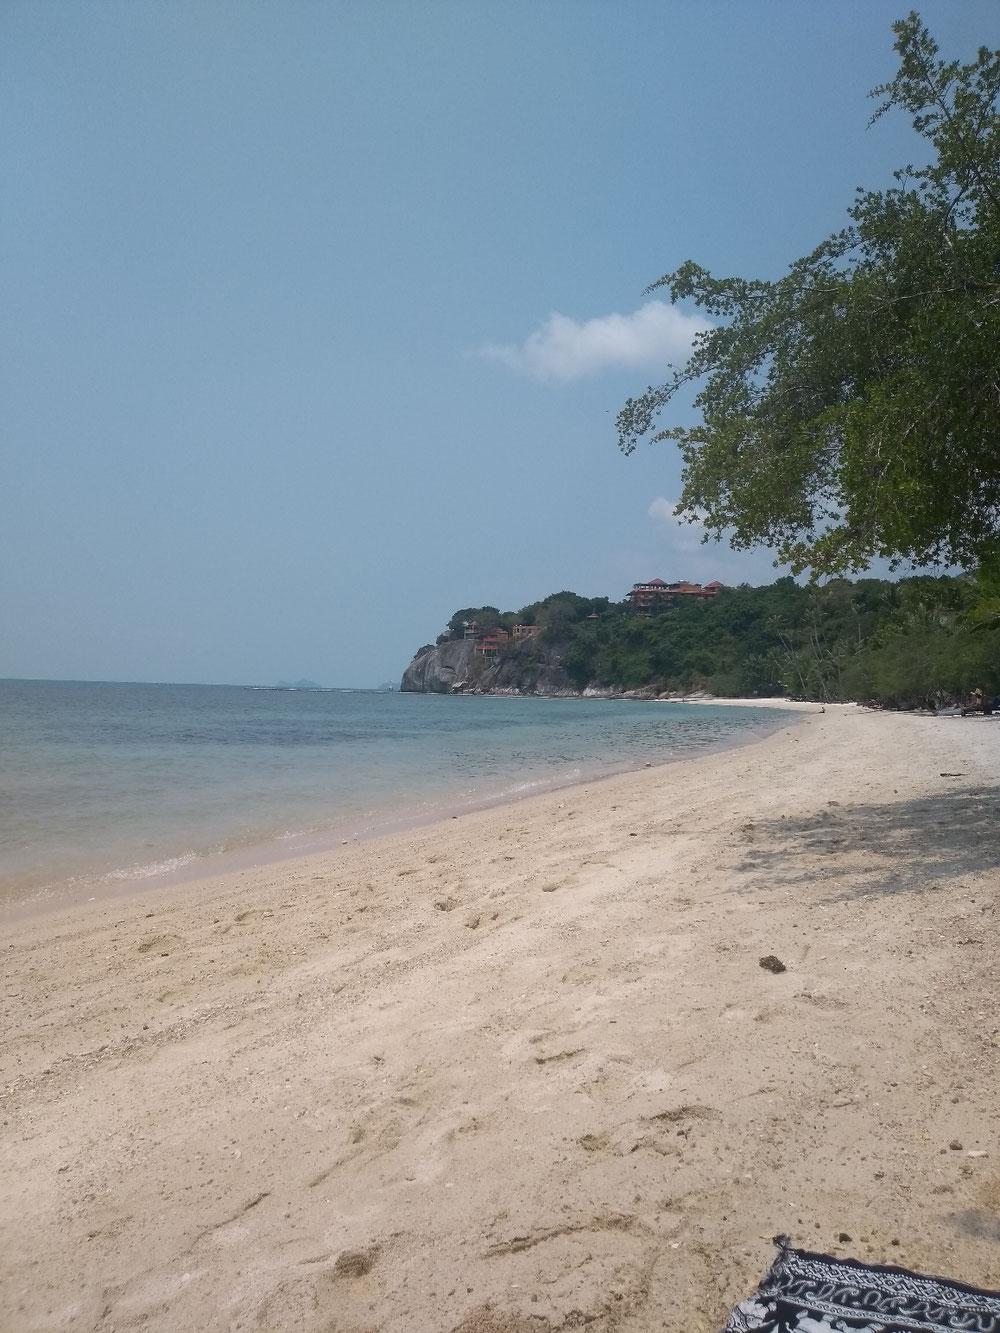 Leela beach